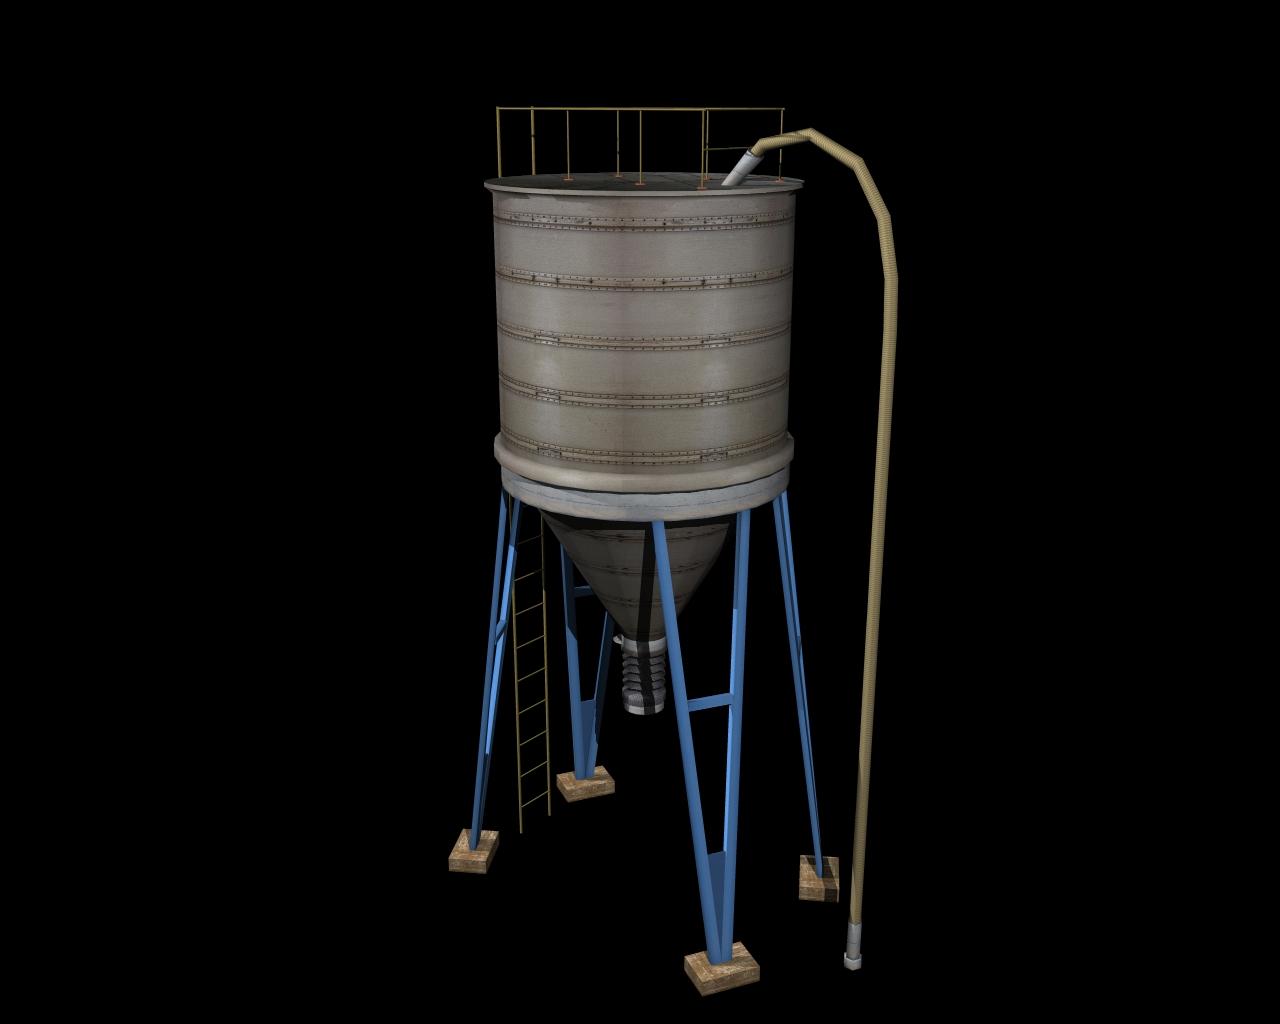 silo 3d model 3ds 164144